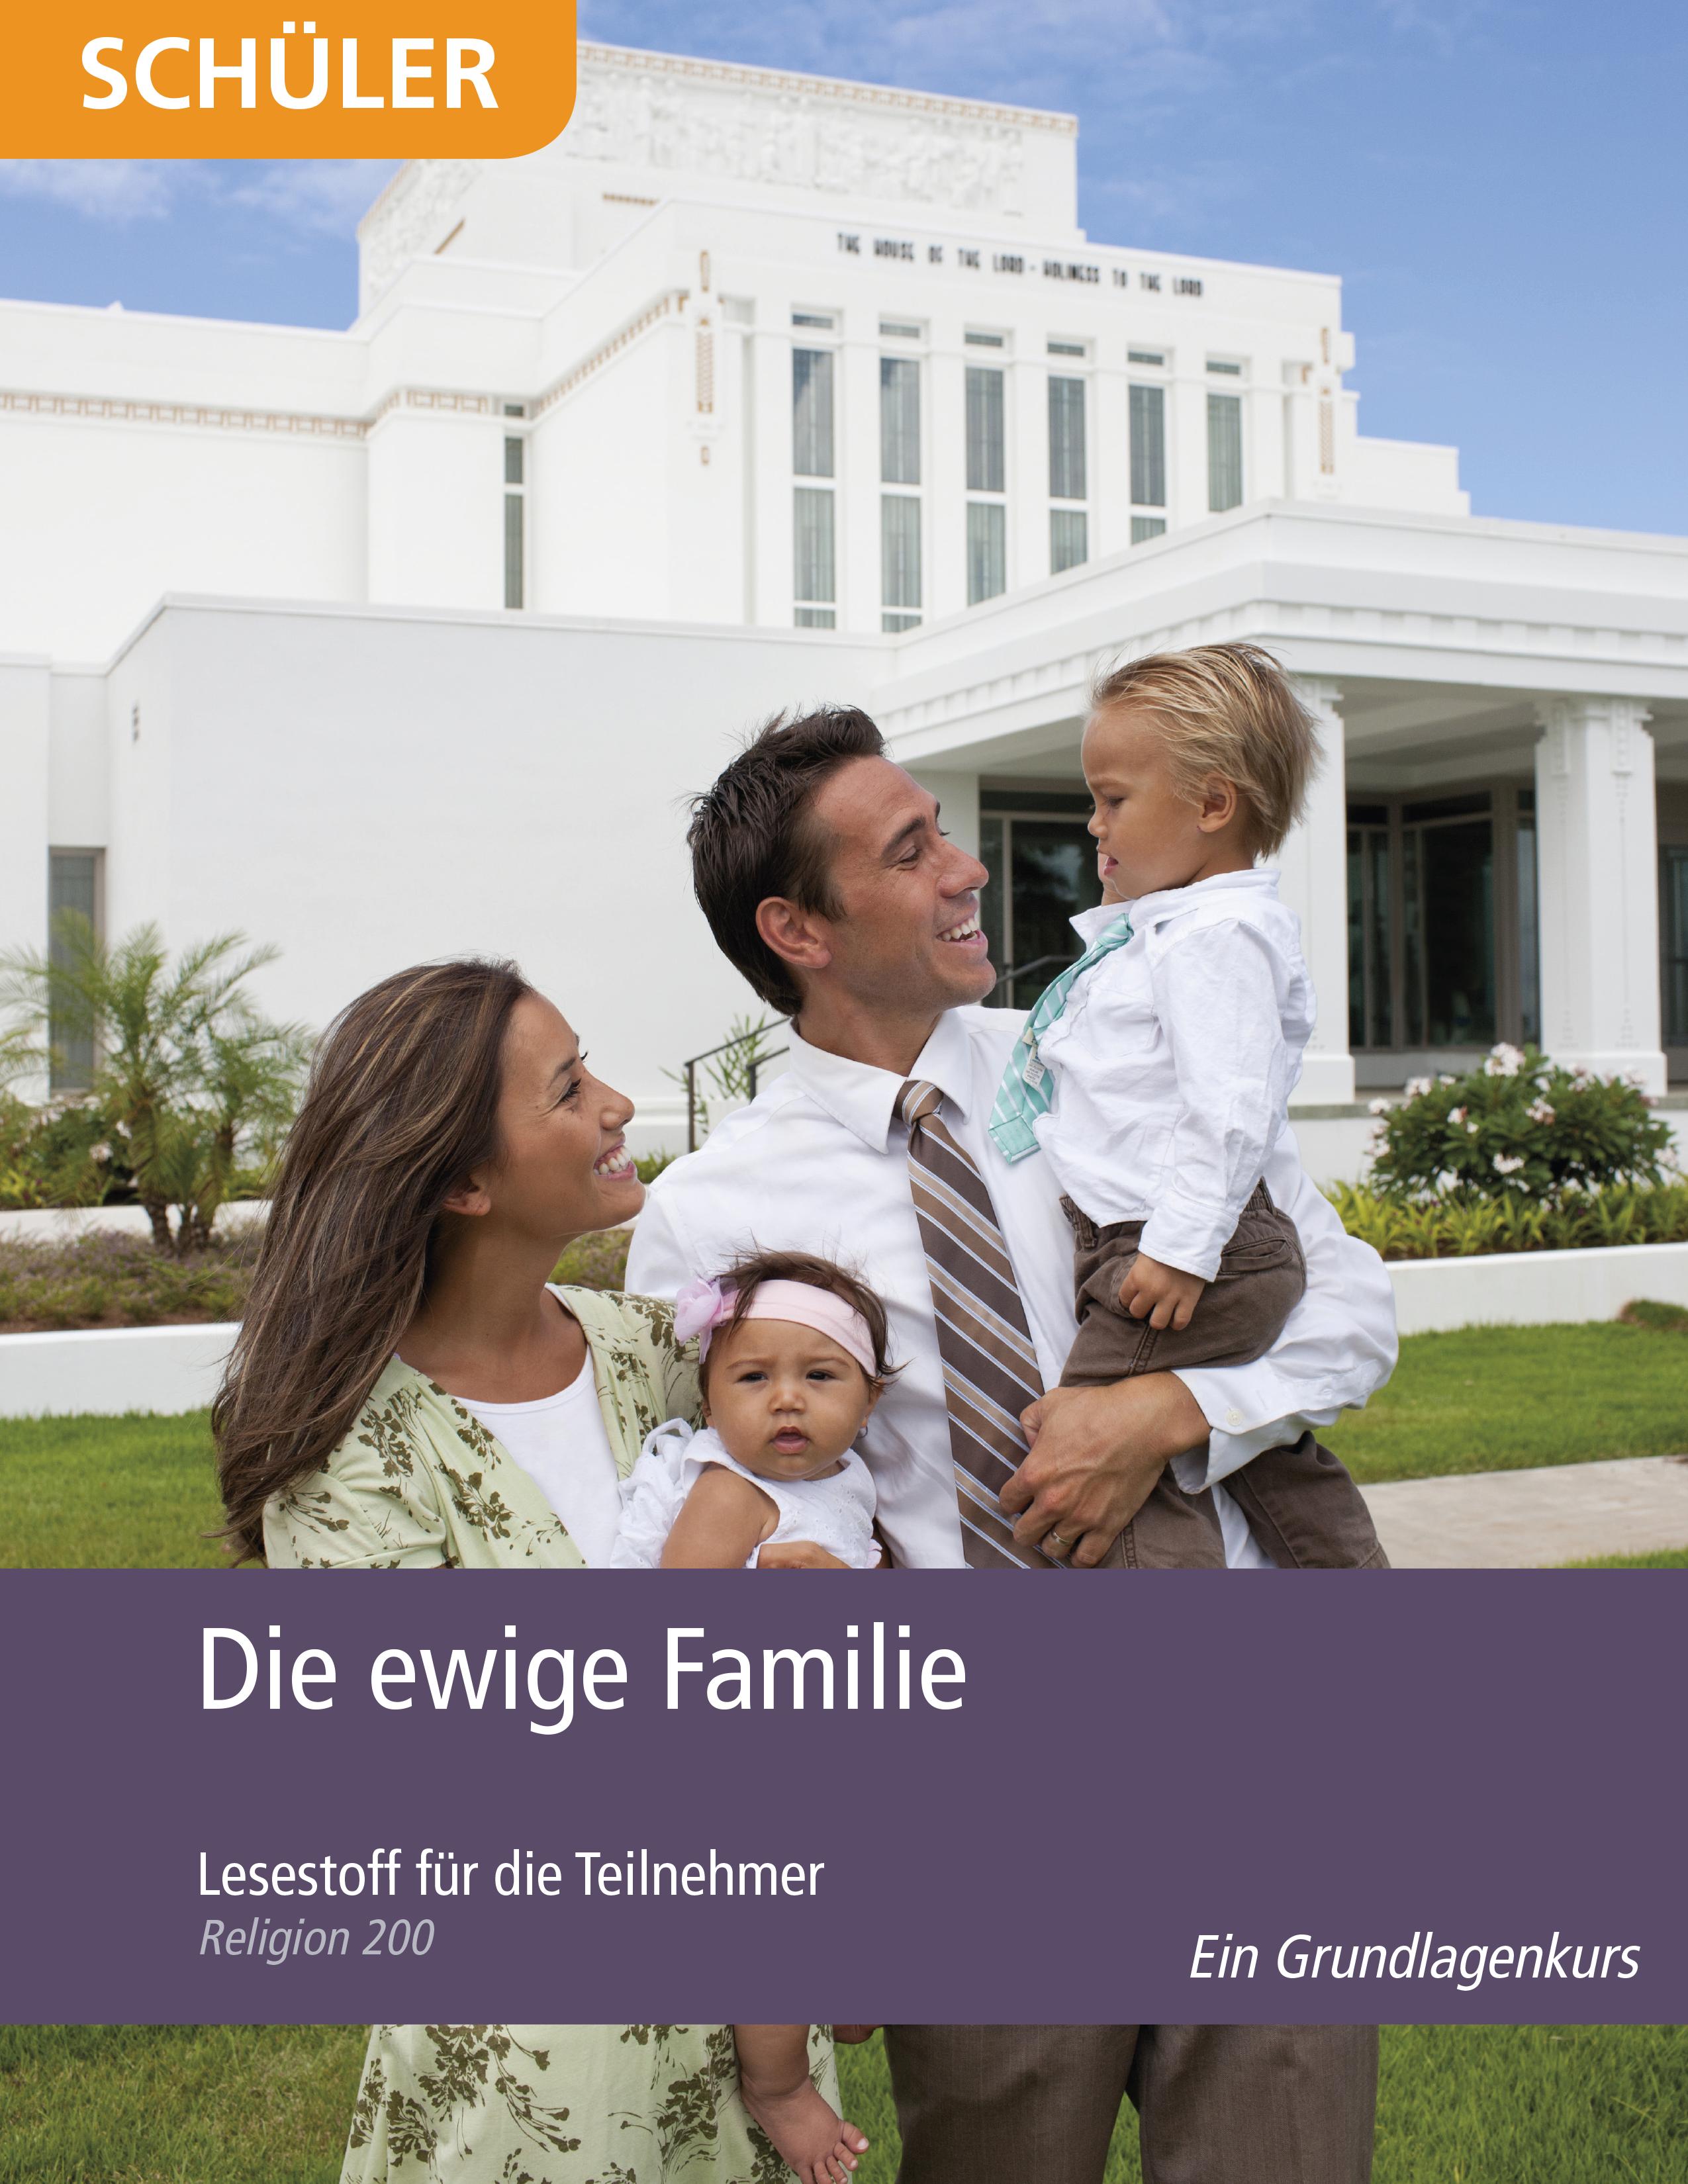 Die ewige Familie– Lesestoff für die Teilnehmer (Religion 200)